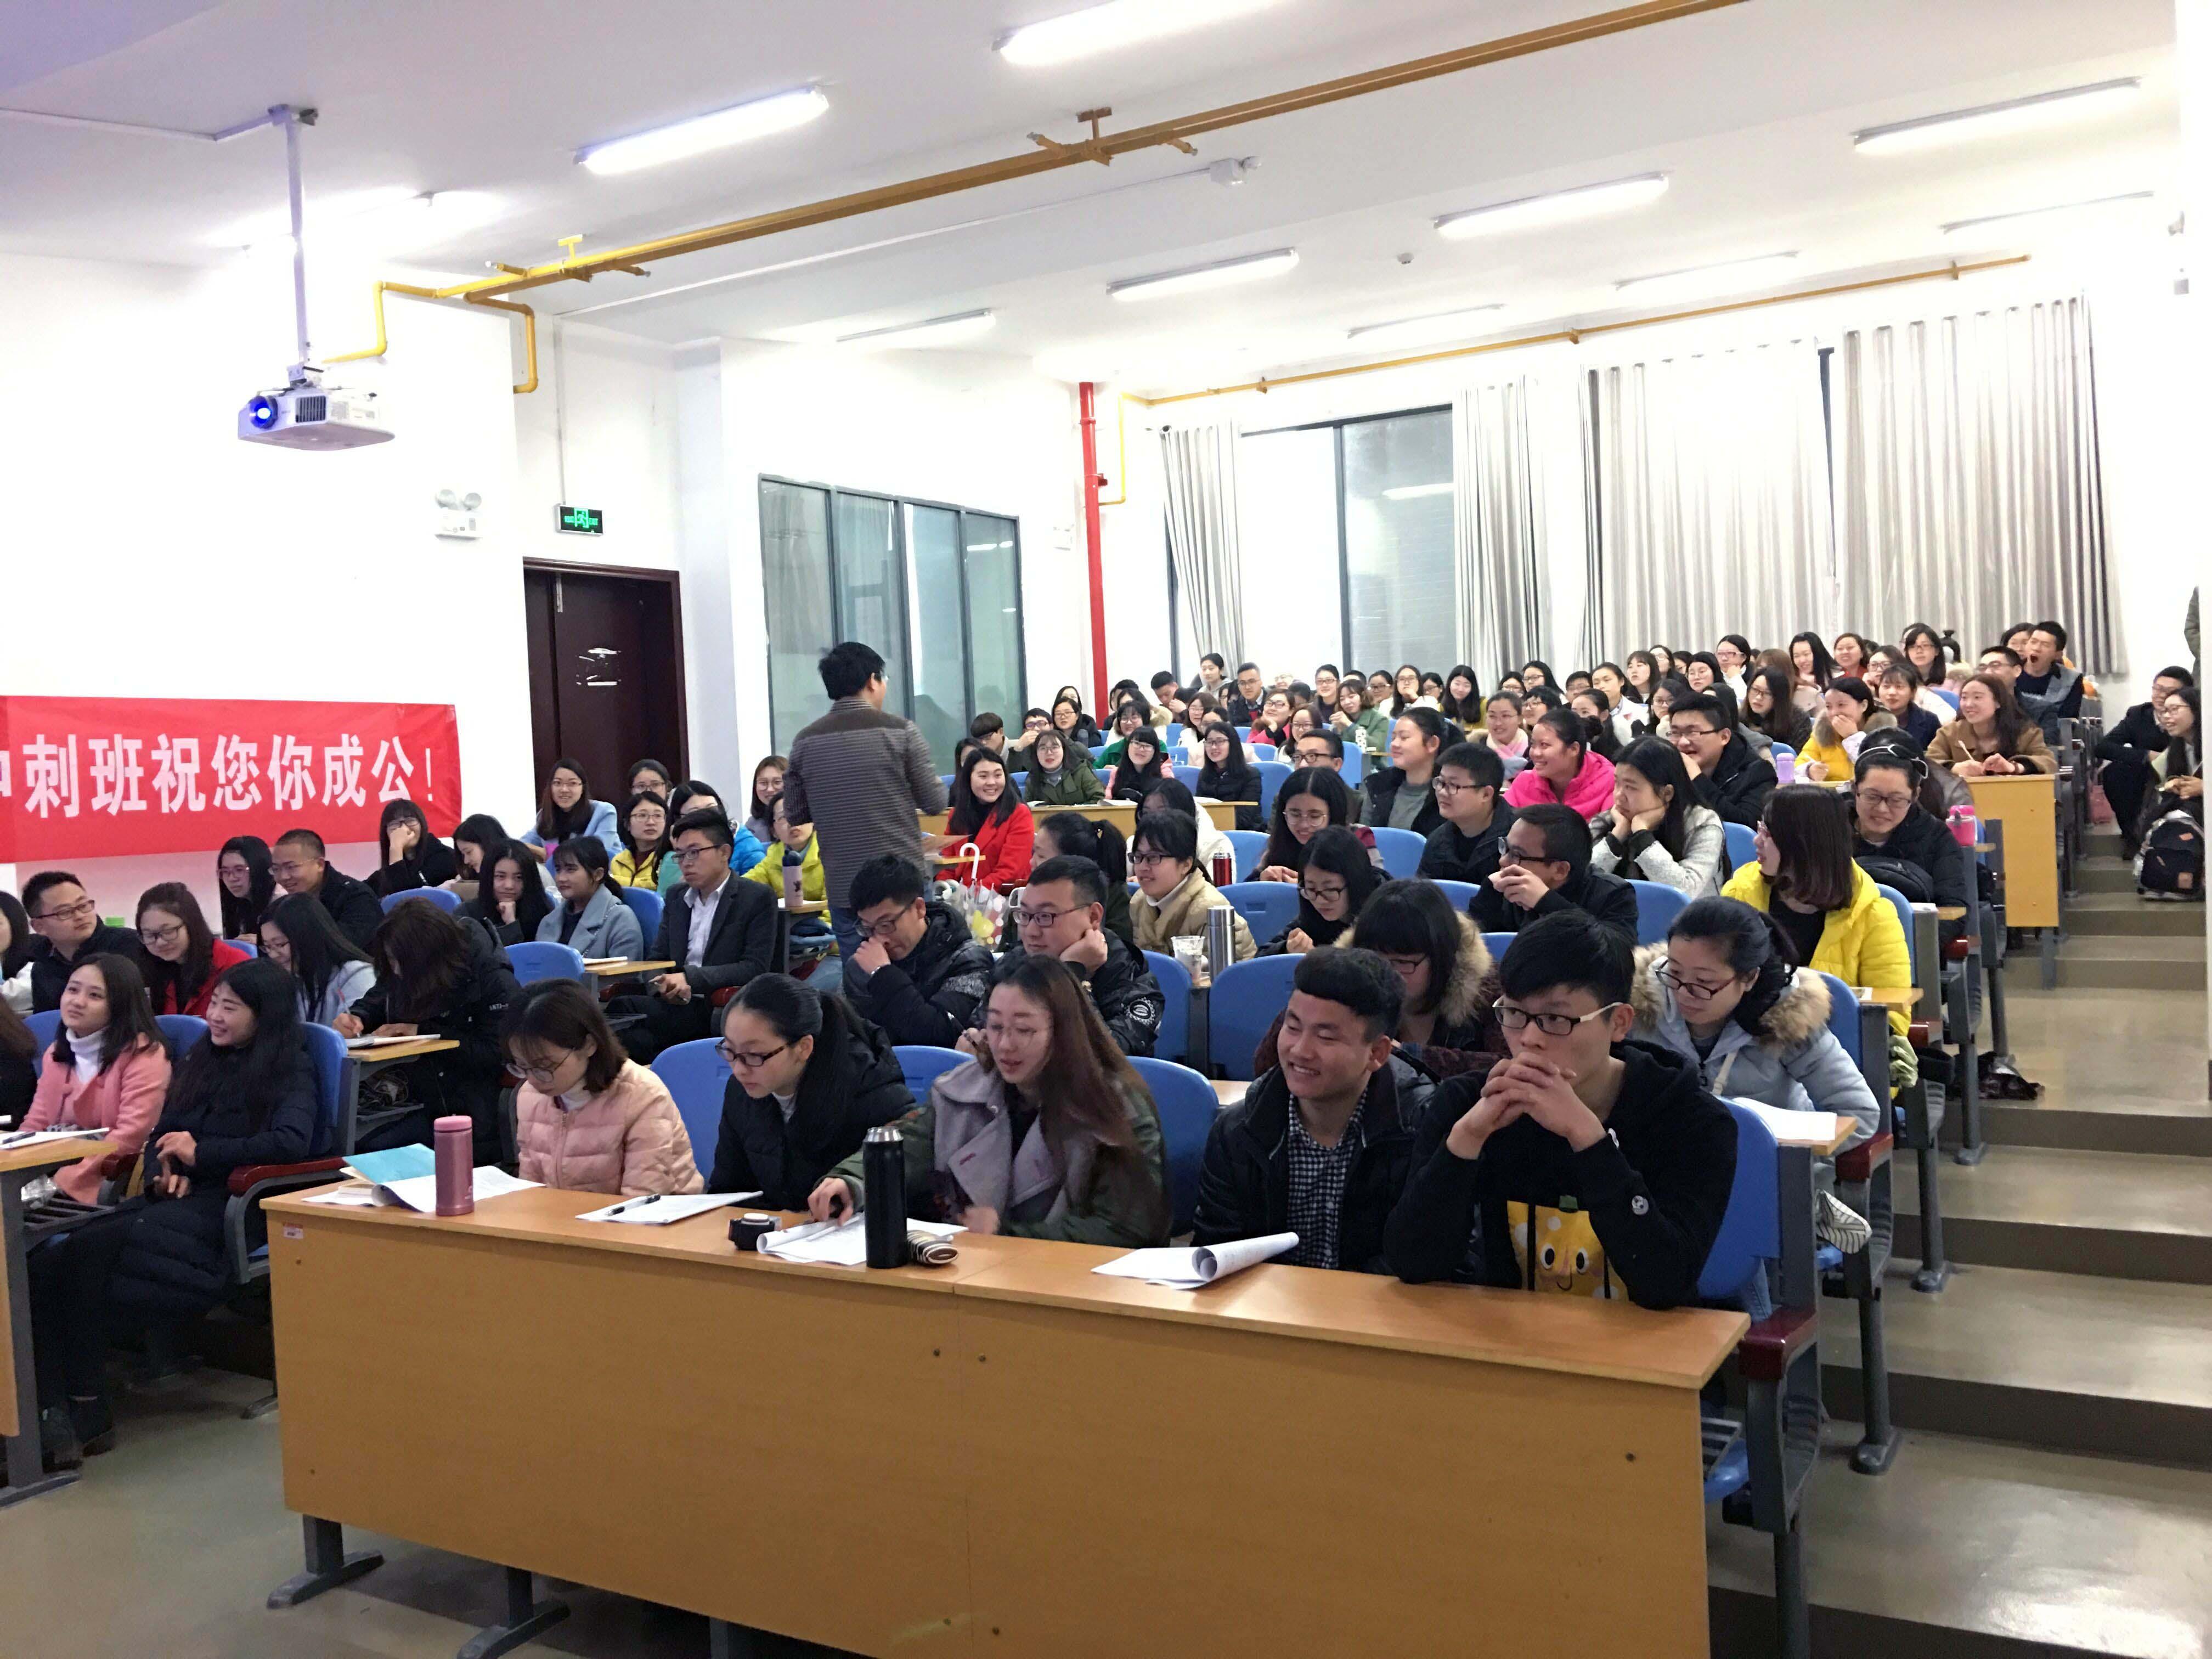 2017年省联考笔试湖北民族学院授课现场